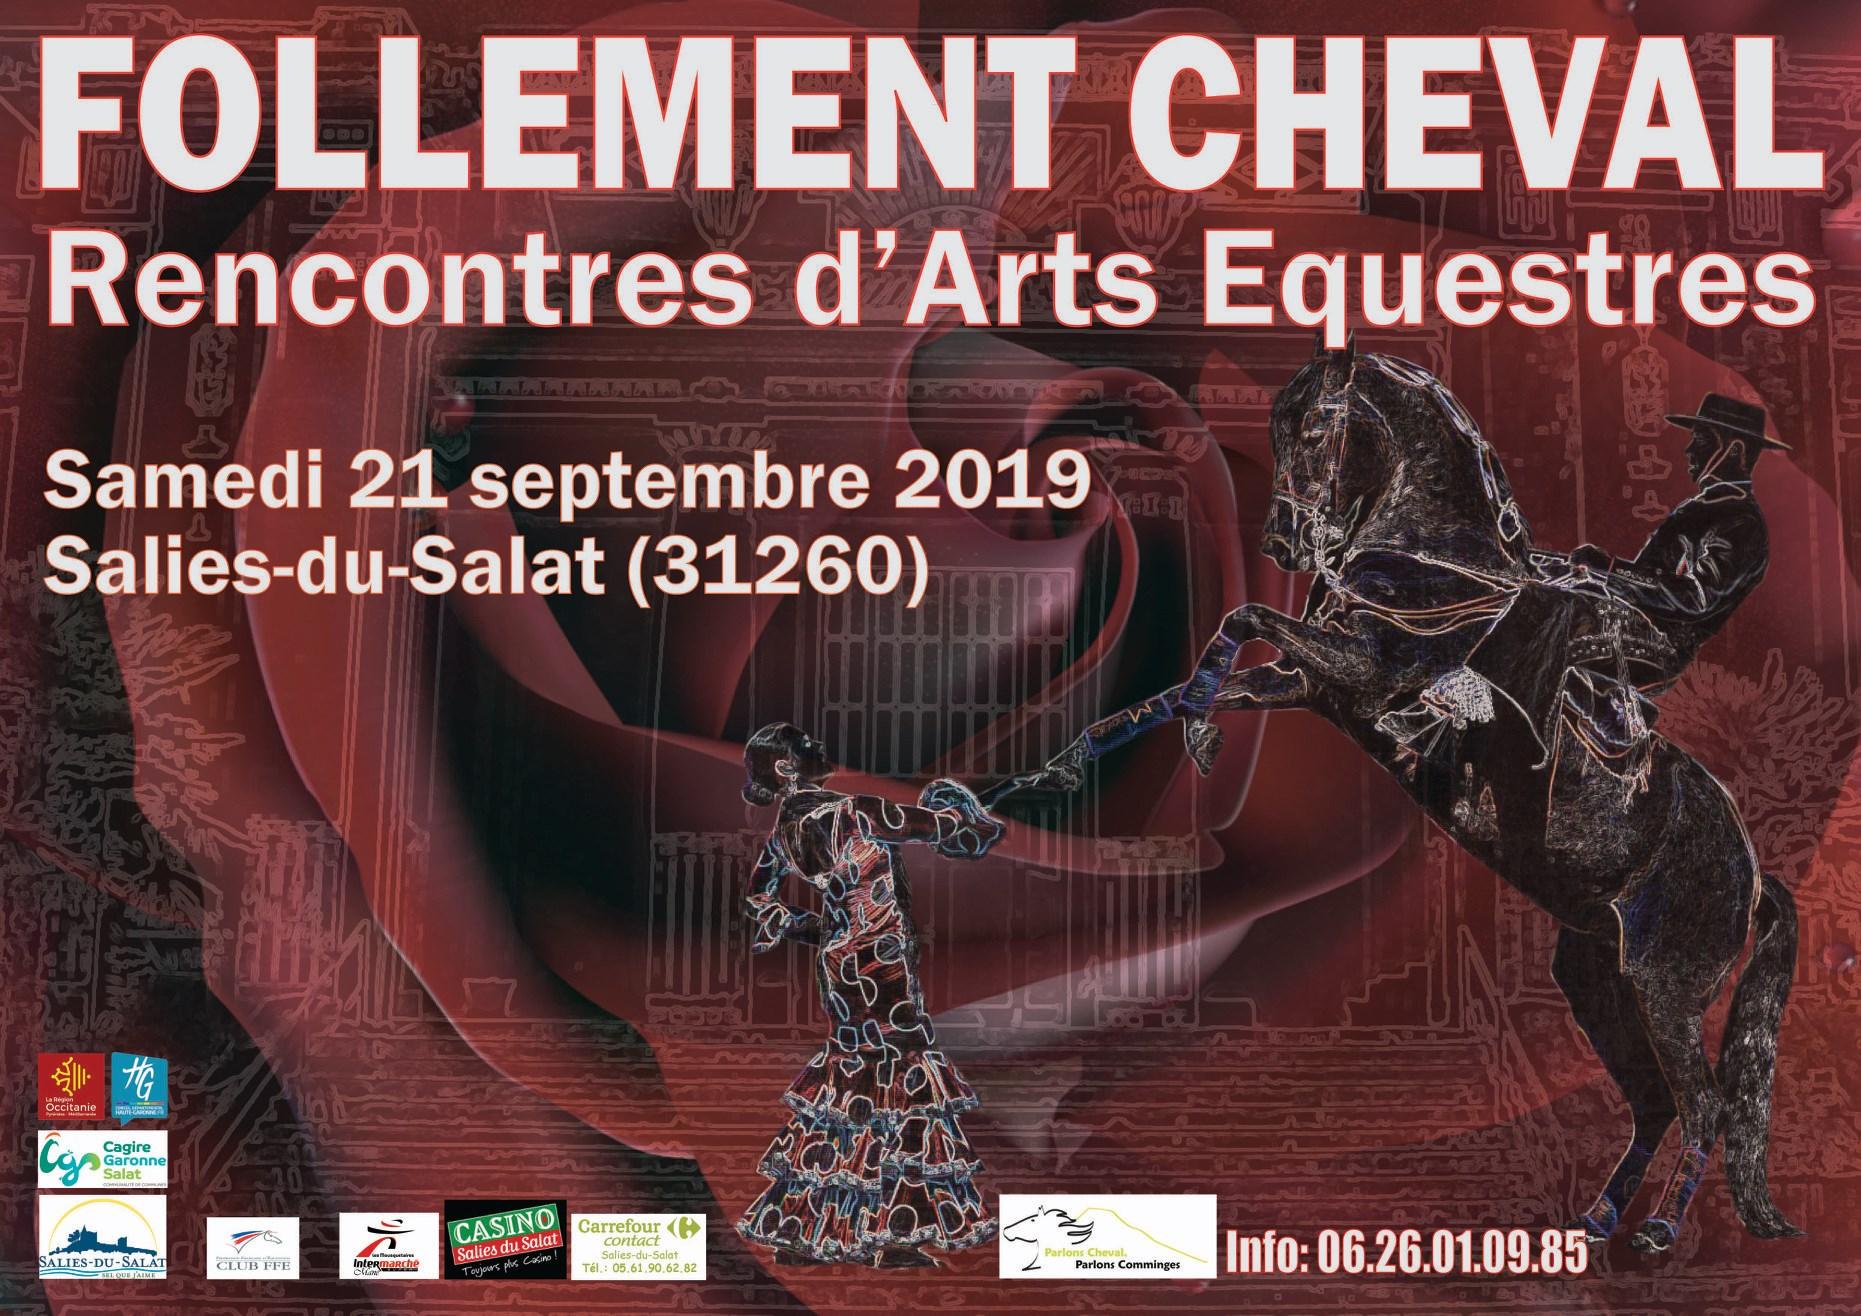 2019-09-Rencontres-d'Arts-Equestres-Follement-Cheval-31260,Salies-du-Salat